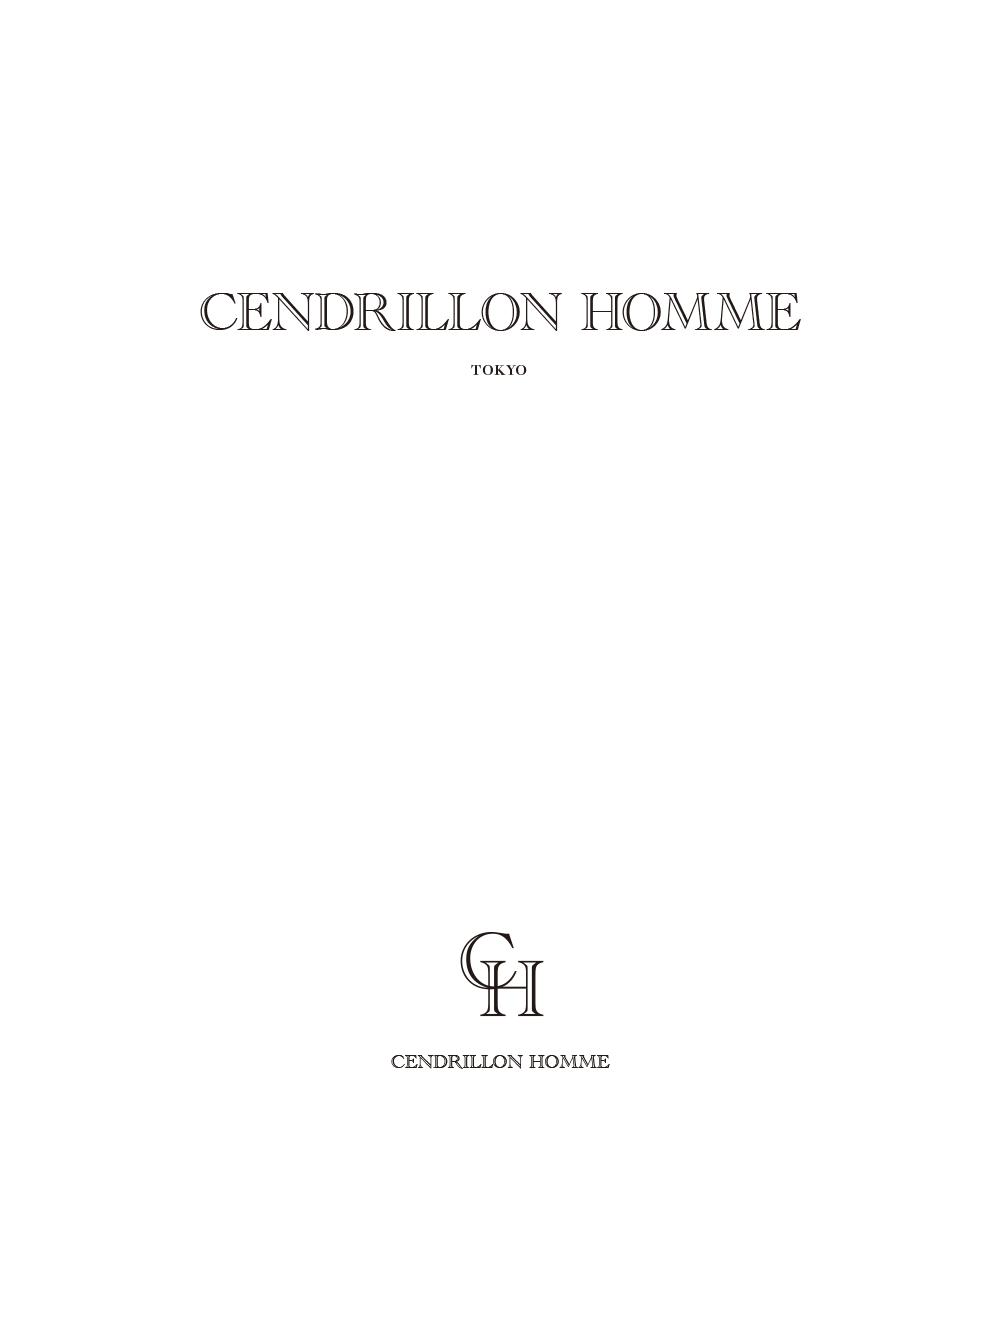 Cendrillon Homme